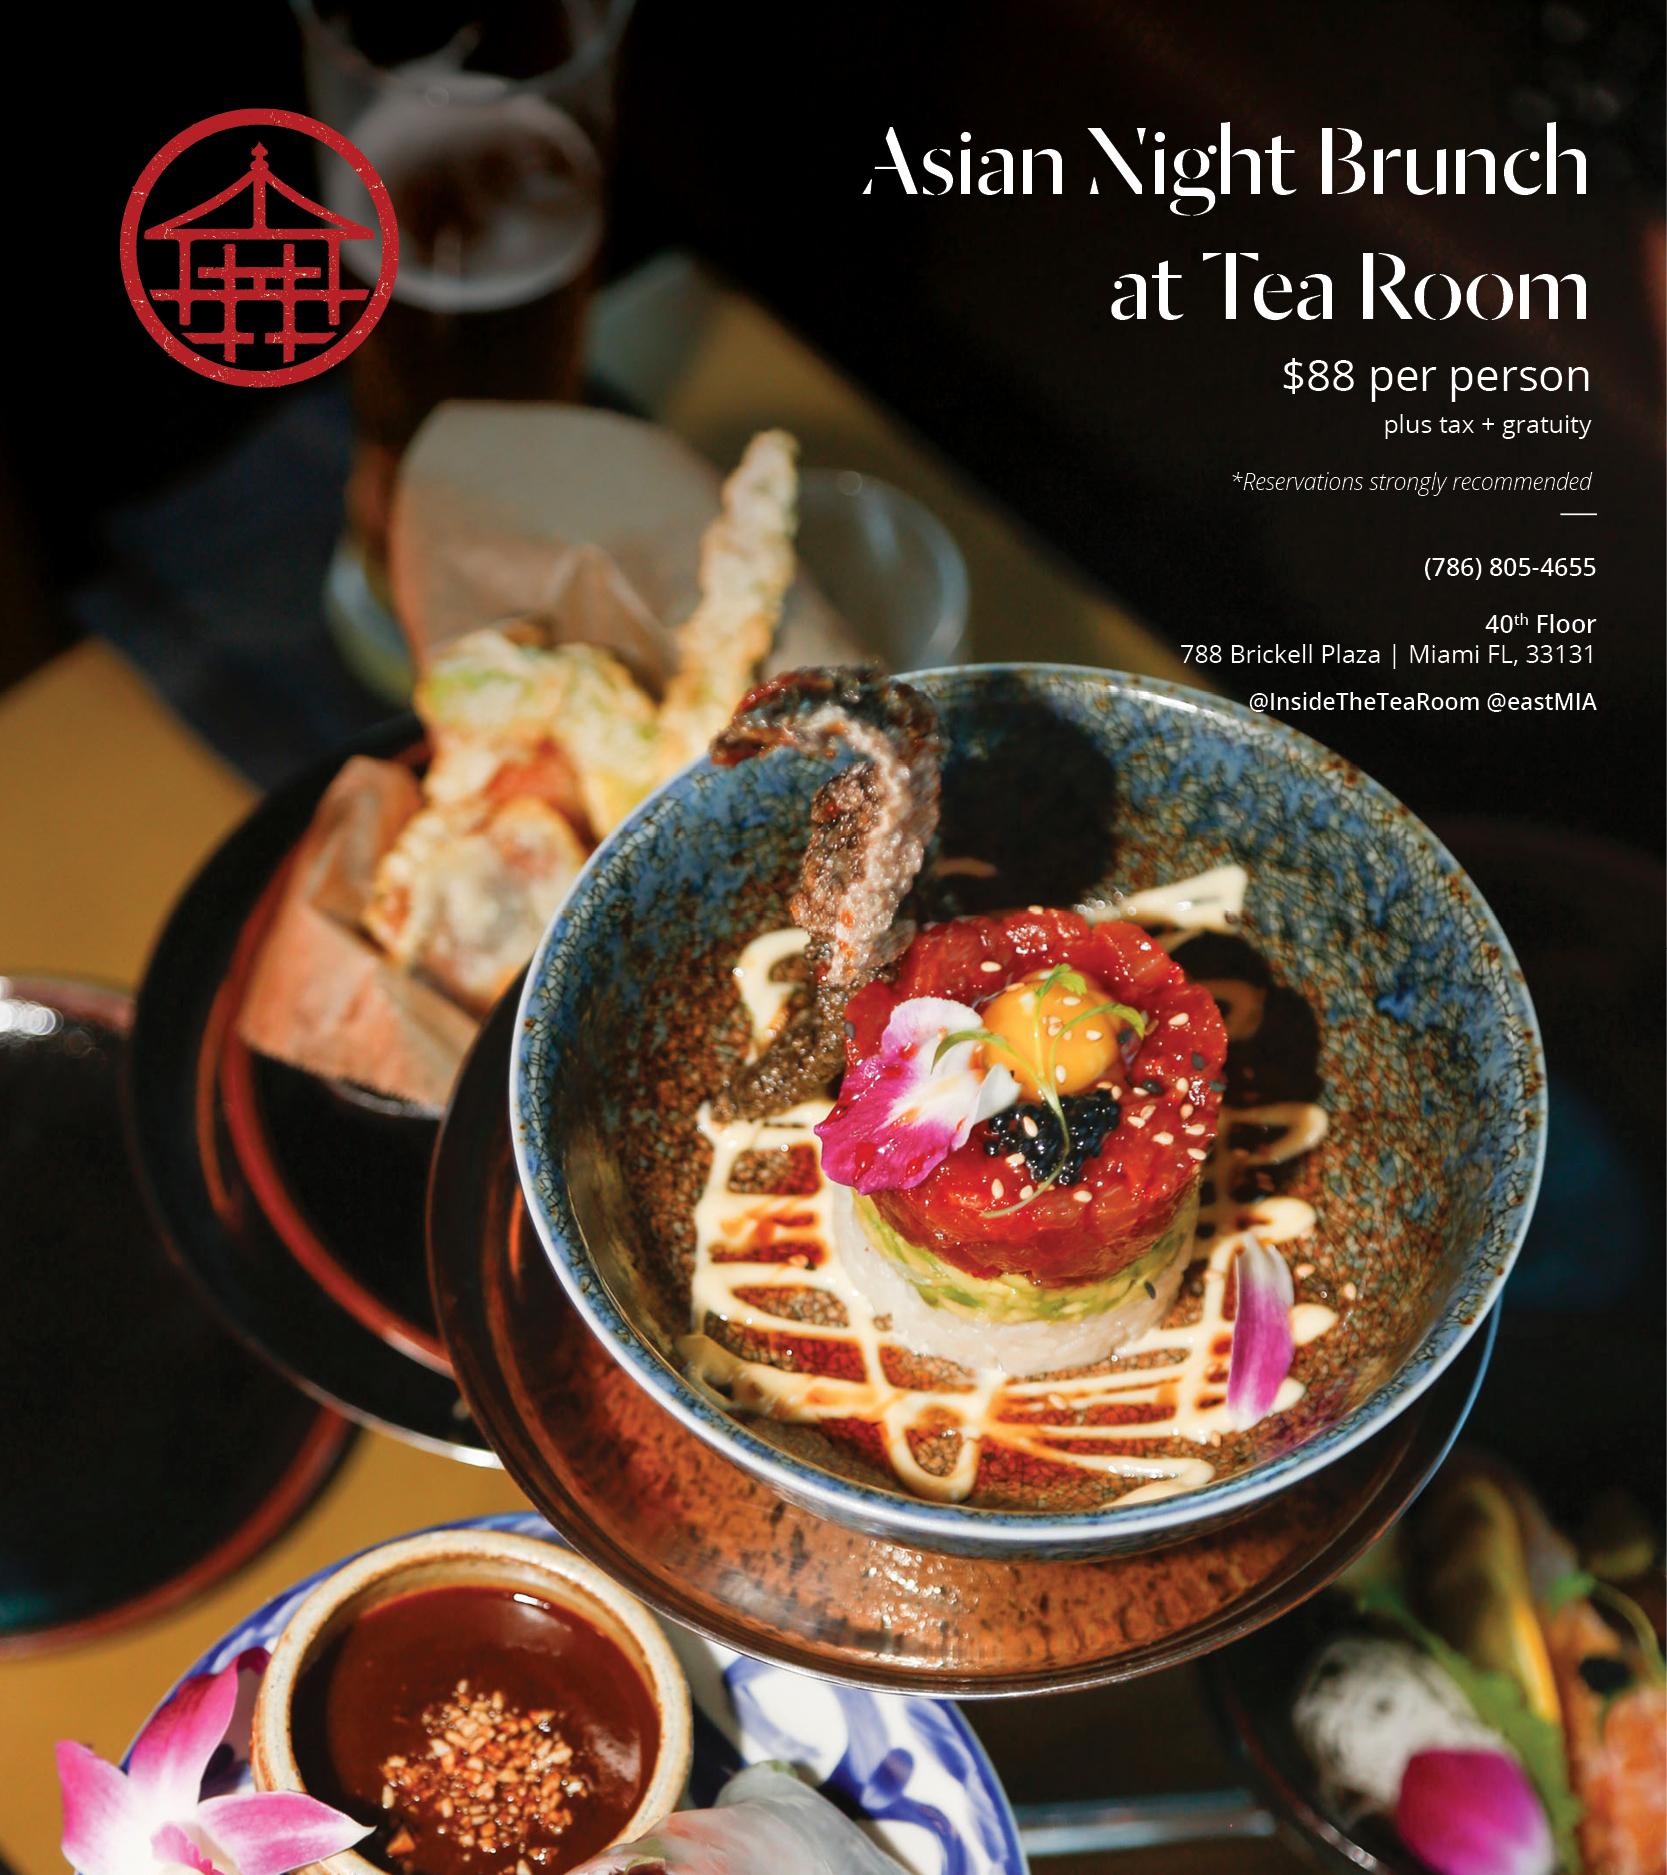 Asian_Night_Brunch (1).jpg